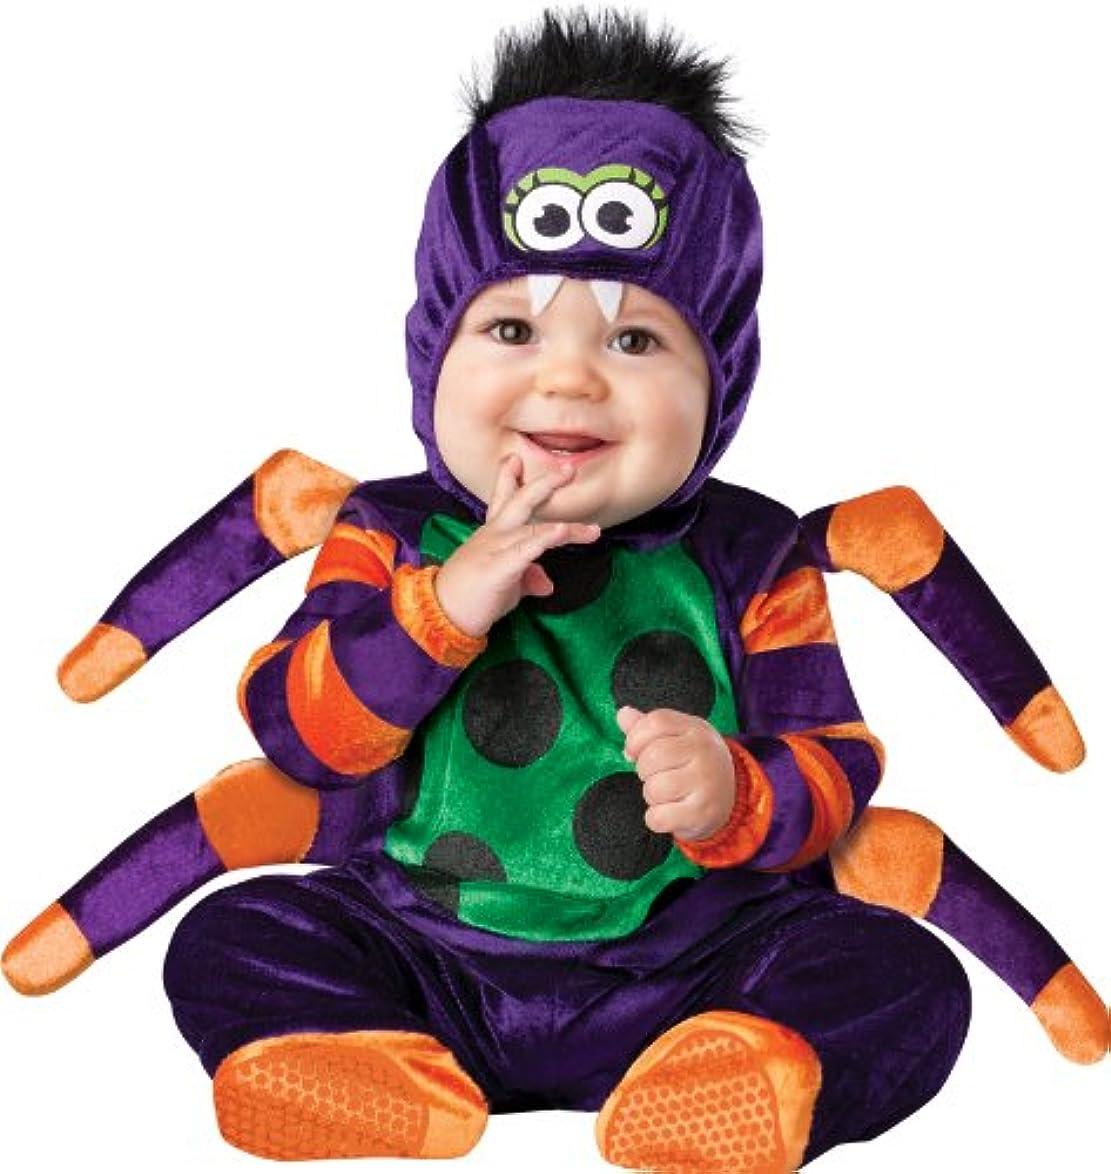 合法苦しみスチュアート島Itsy Bitsy Spider Infant/Toddler Costume イッツィービッツィースパイダー乳児/幼児コスチューム サイズ:6/12 Months